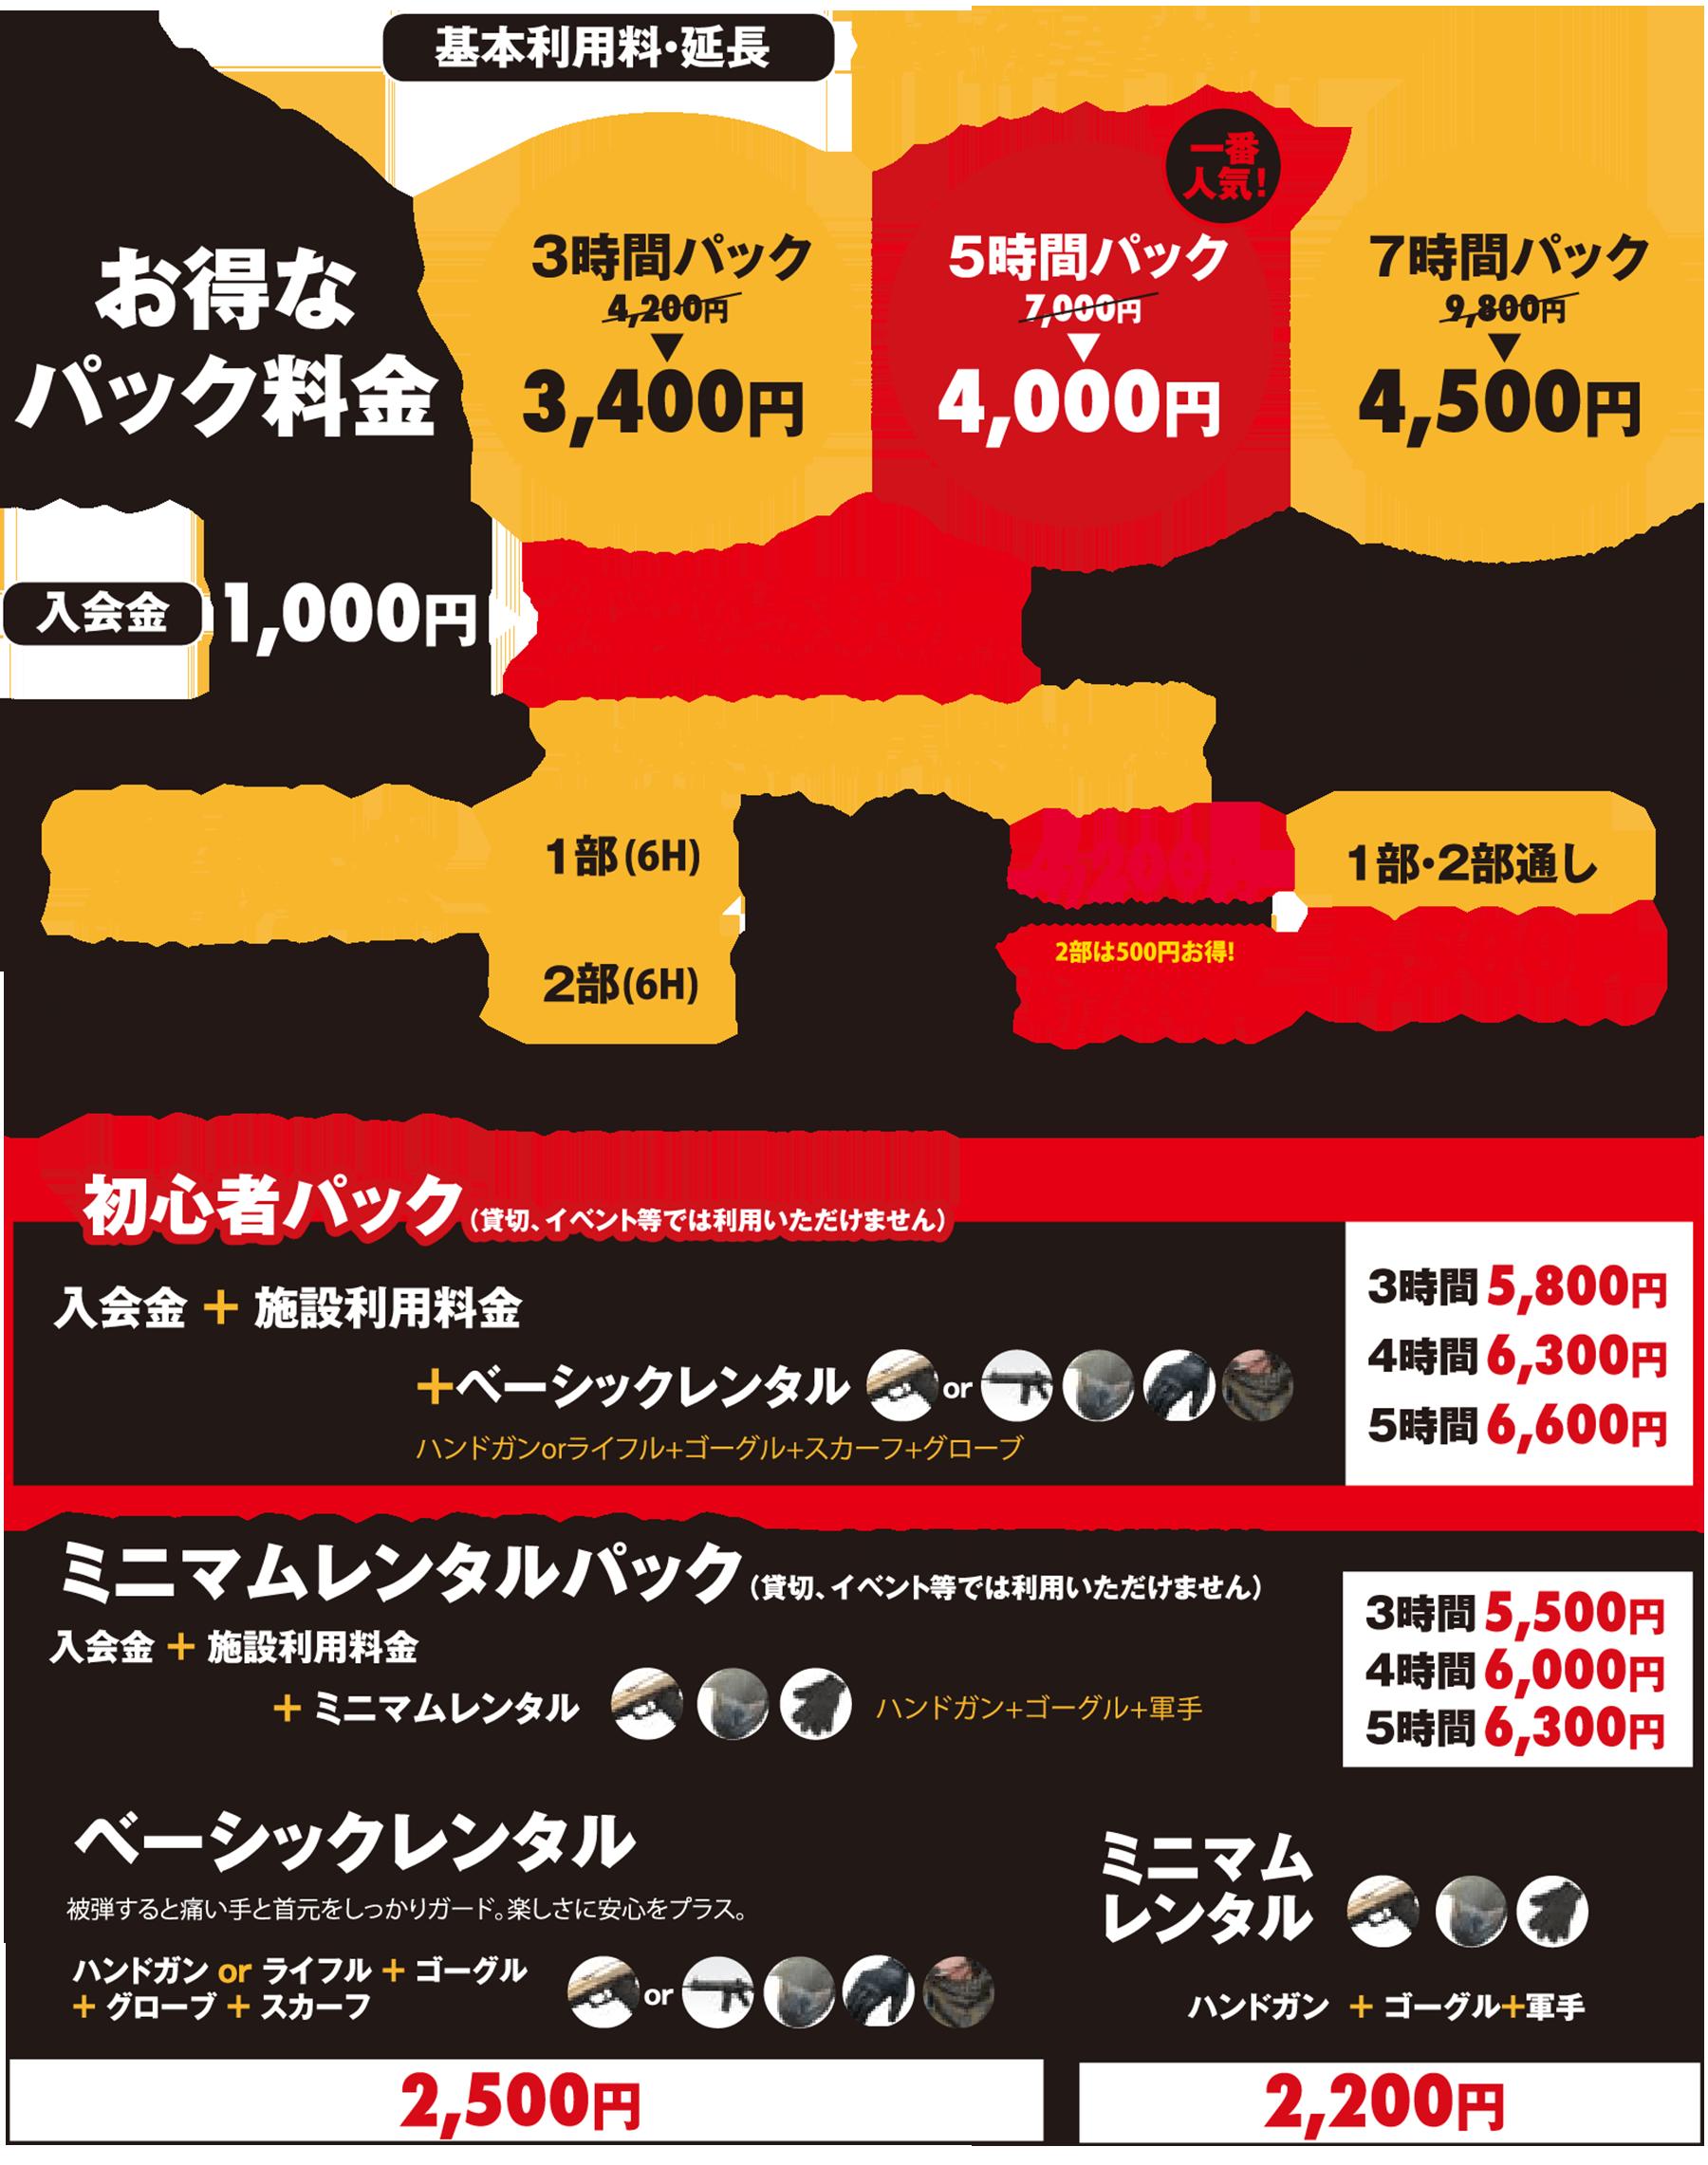 埼玉でサバイバルゲームをするならBrave Point 埼玉上福岡店 | 料金案内